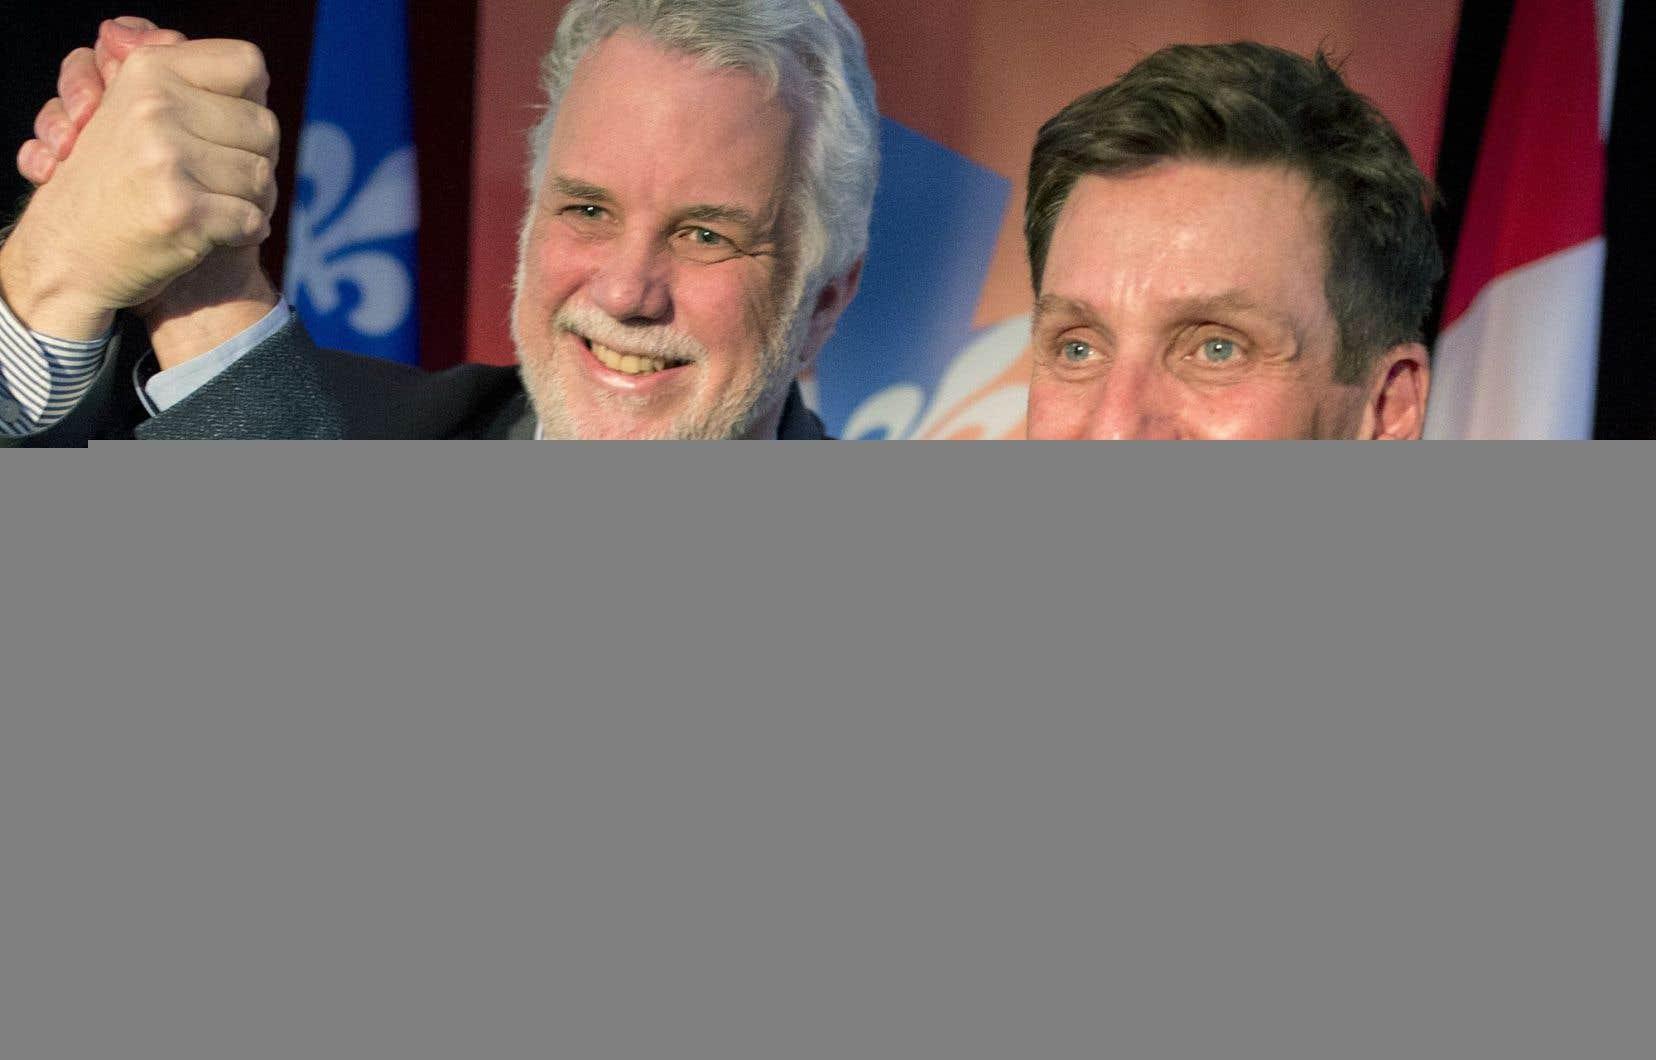 Philippe Couillard et des centaines de militants de Châteauguay, la circonscription de Pierre Moreau (à droite), ont souligné dimanche avant-midi le retour au travail de l'élu, qui s'était absenté plusieurs mois à cause de problèmes de santé.